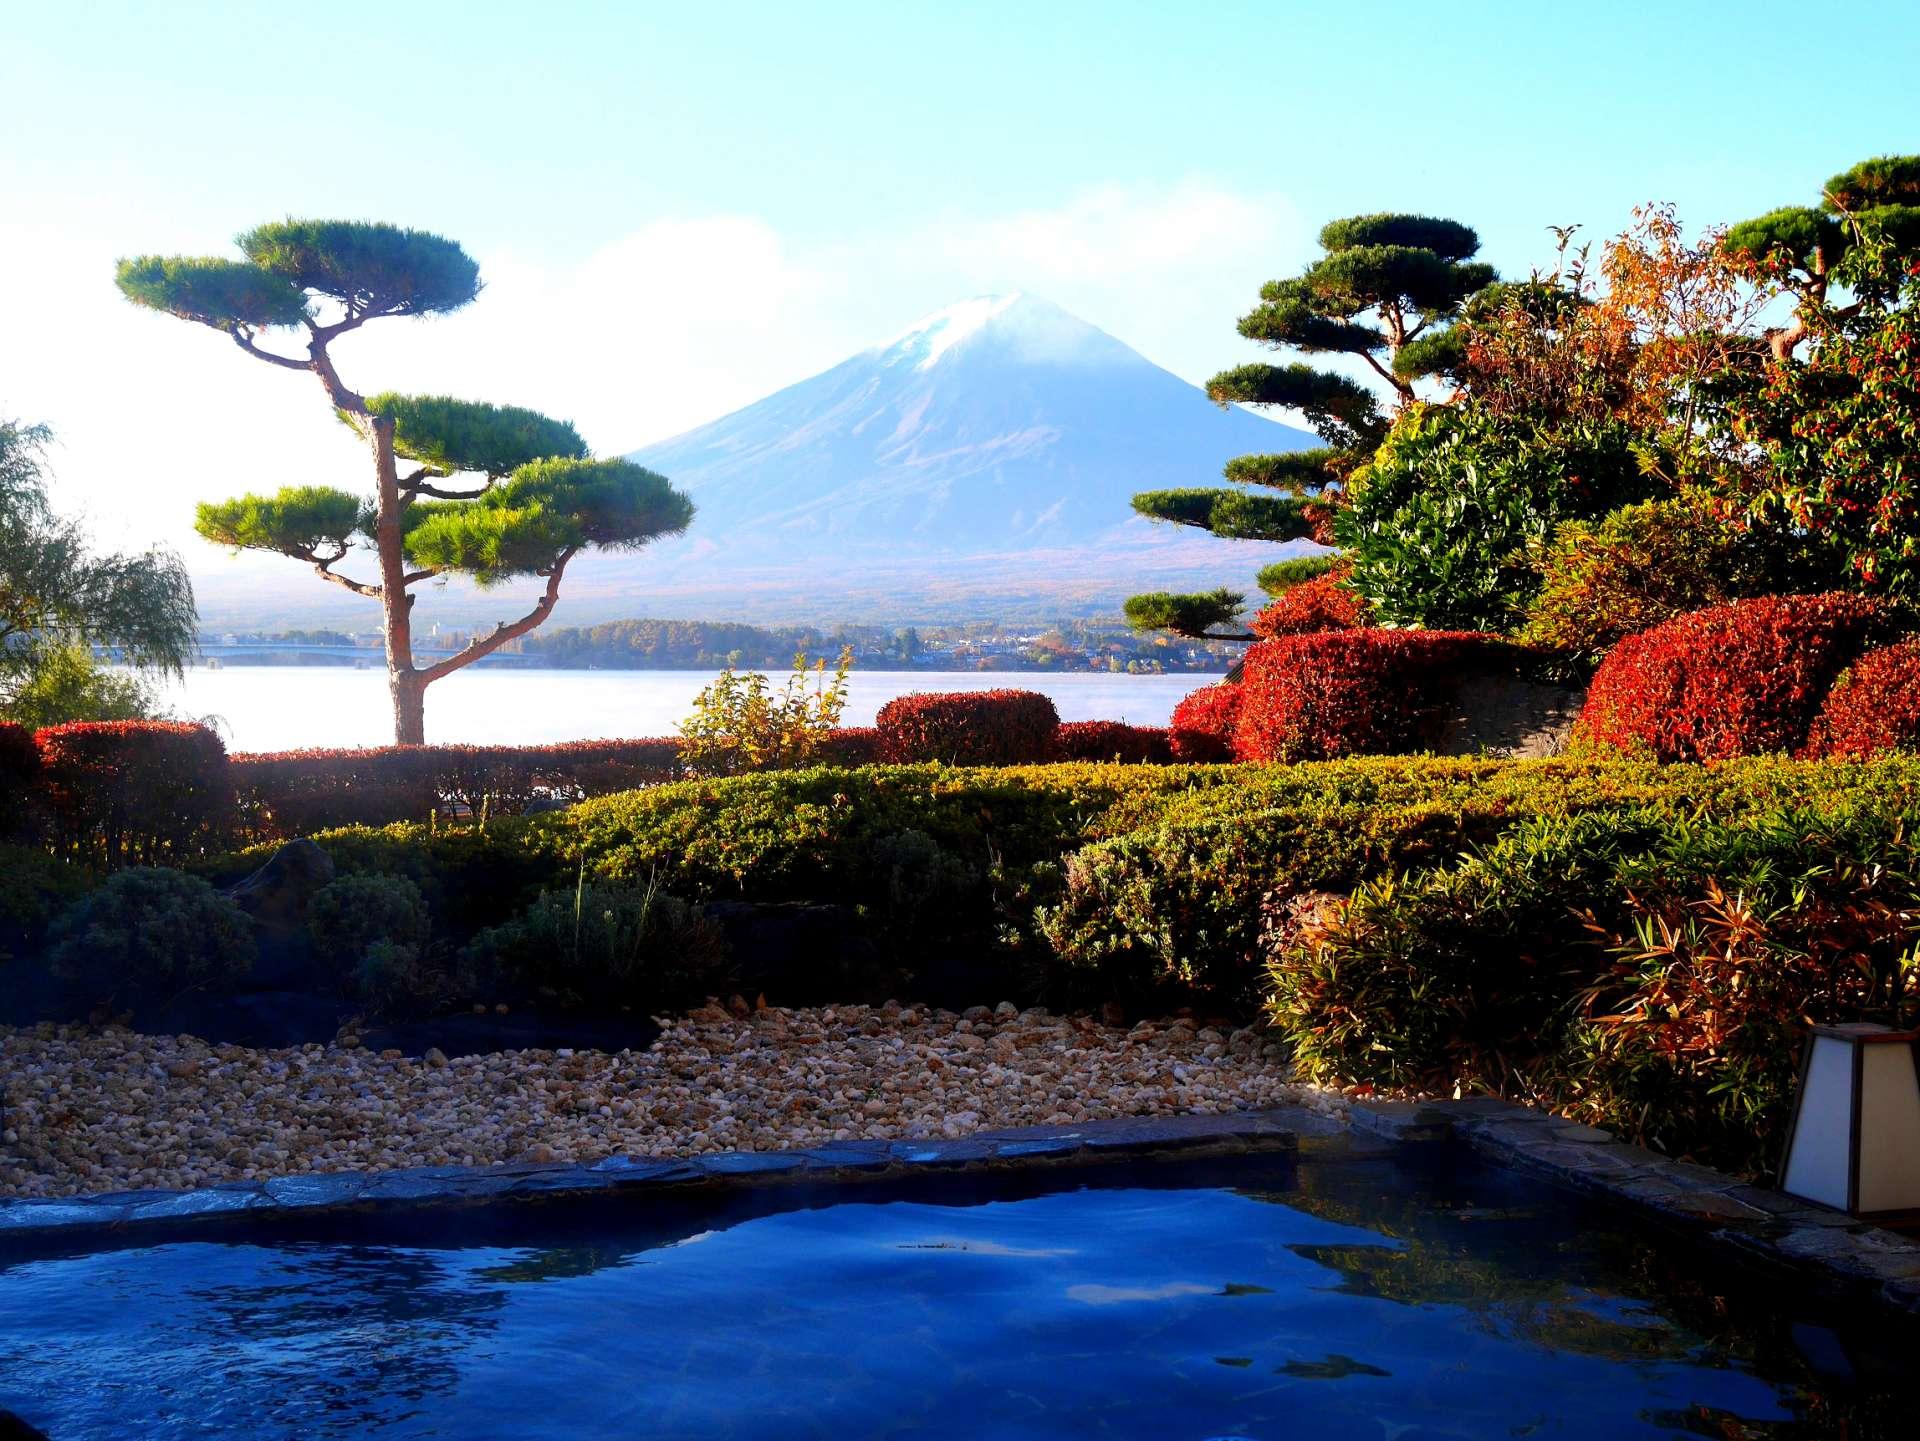 邊泡溫泉邊欣賞富士絕景